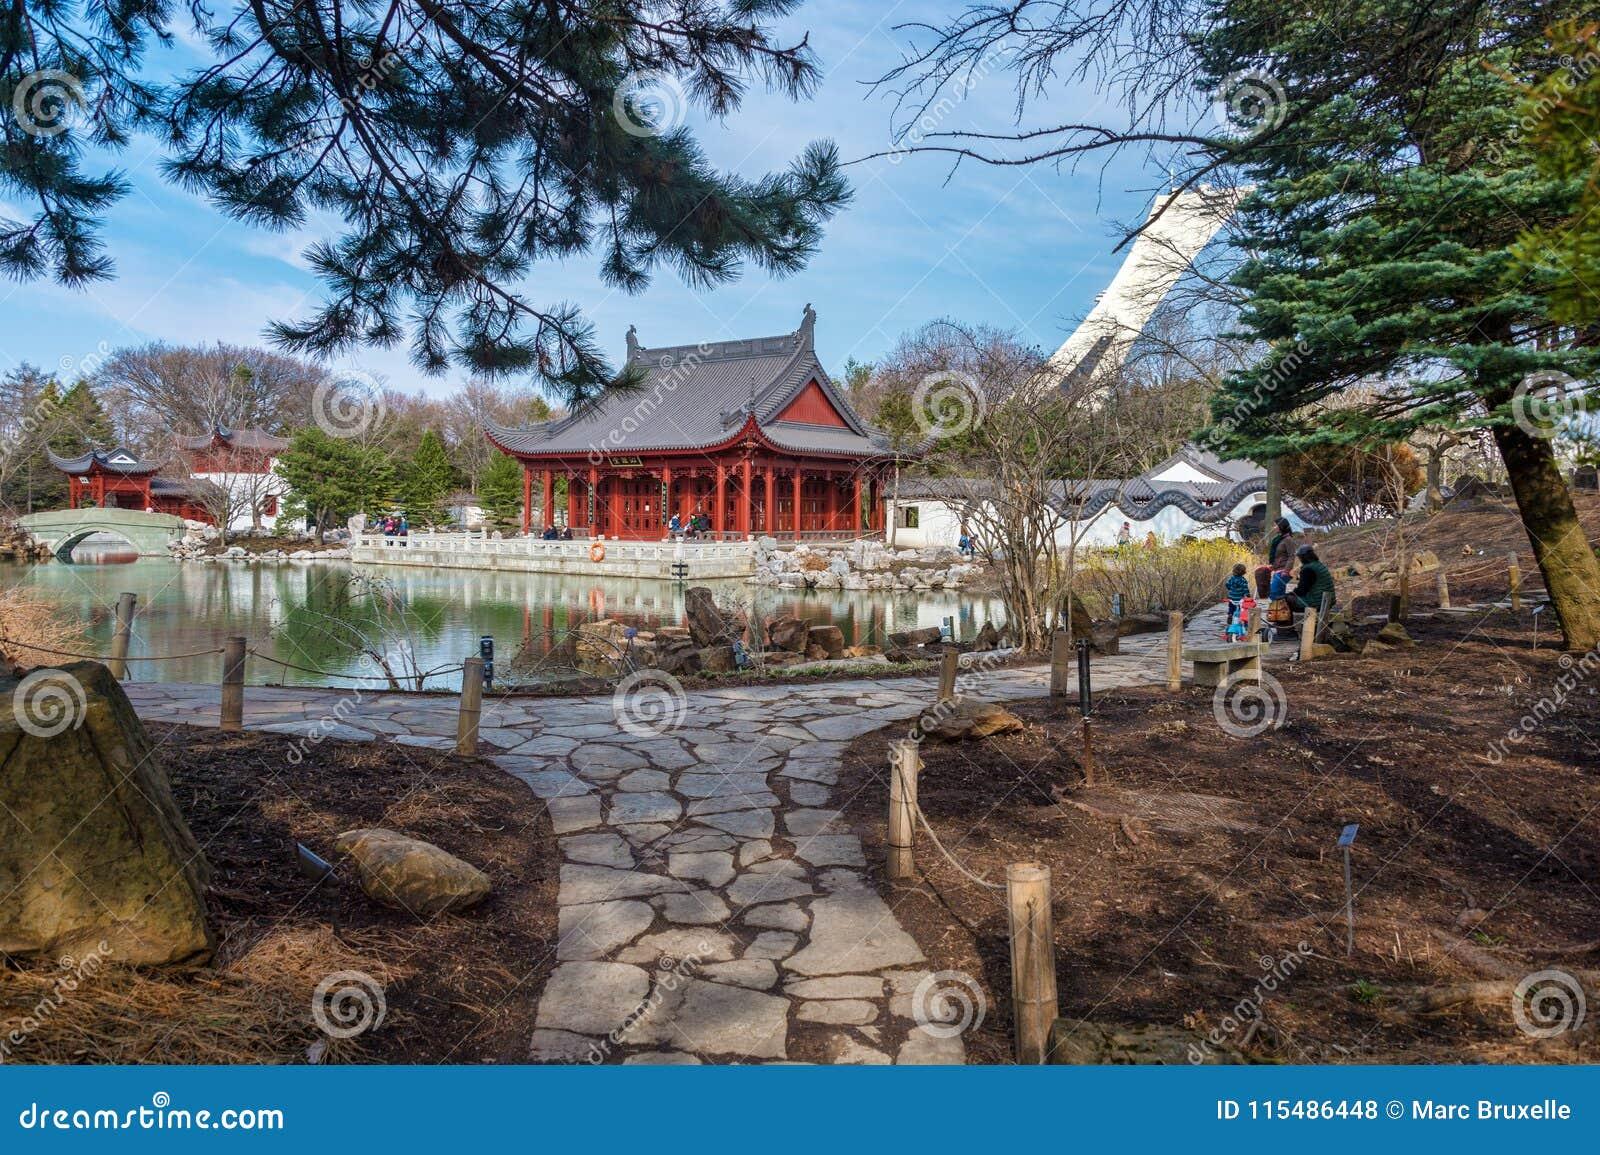 Κινεζικός κήπος του βοτανικού κήπου του Μόντρεαλ